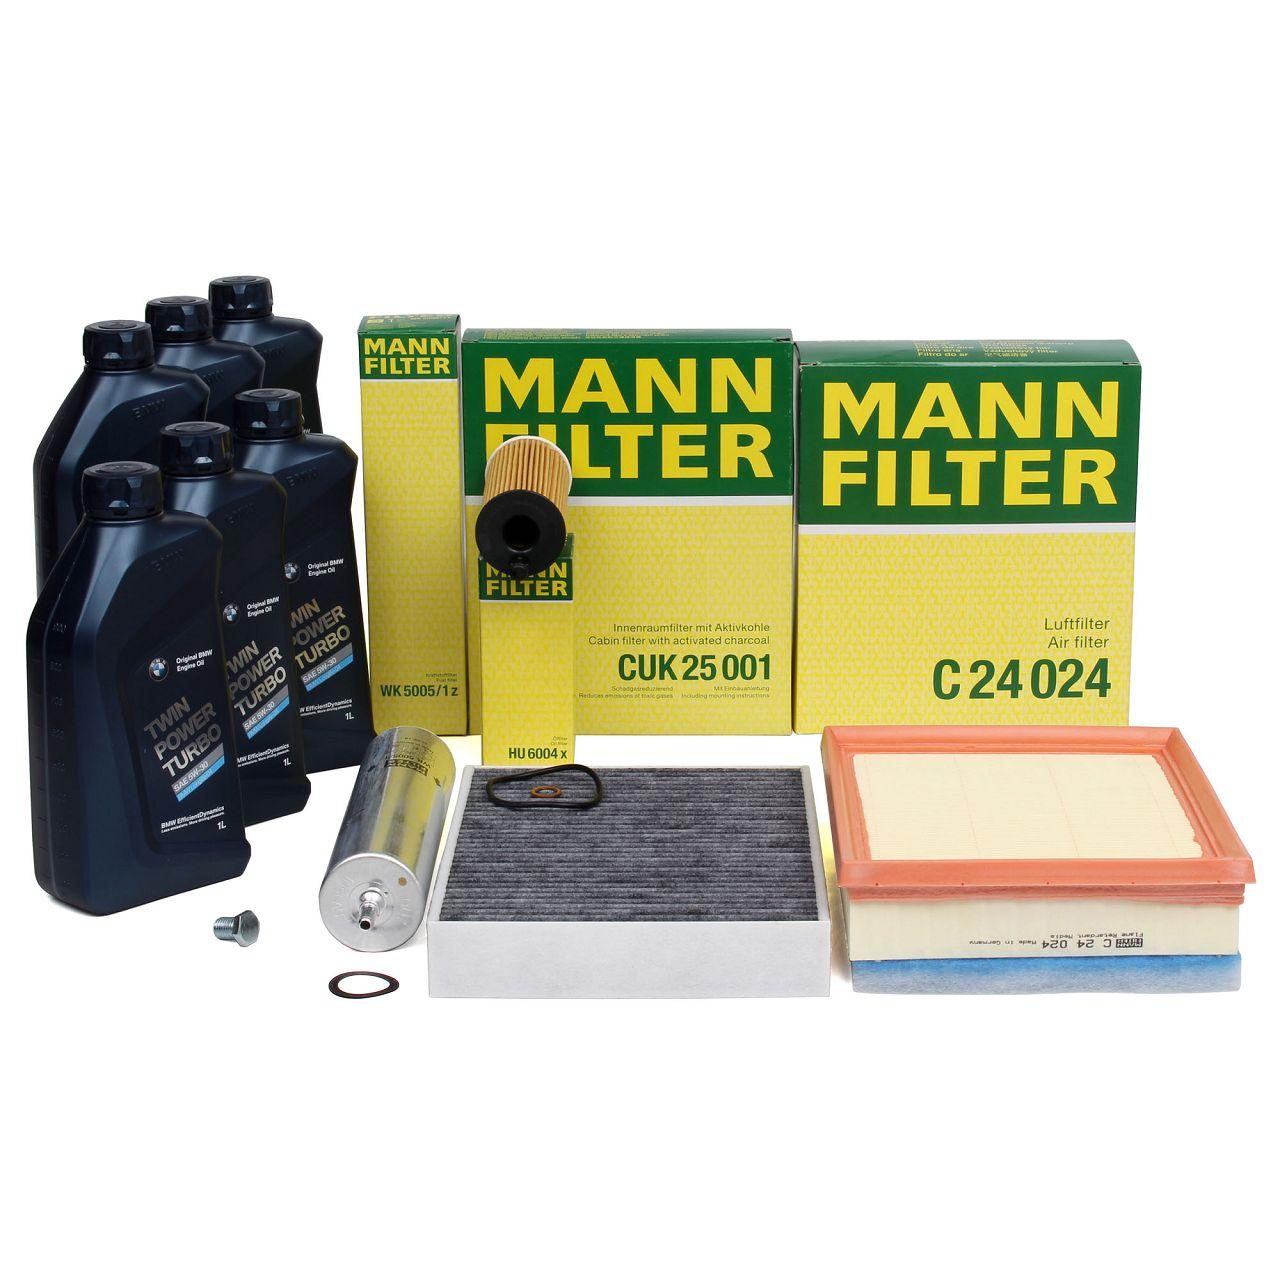 MANN Filterset + 6 L ORIGINAL BMW 5W30 Motoröl für 114-125d 218-225d 316-325d